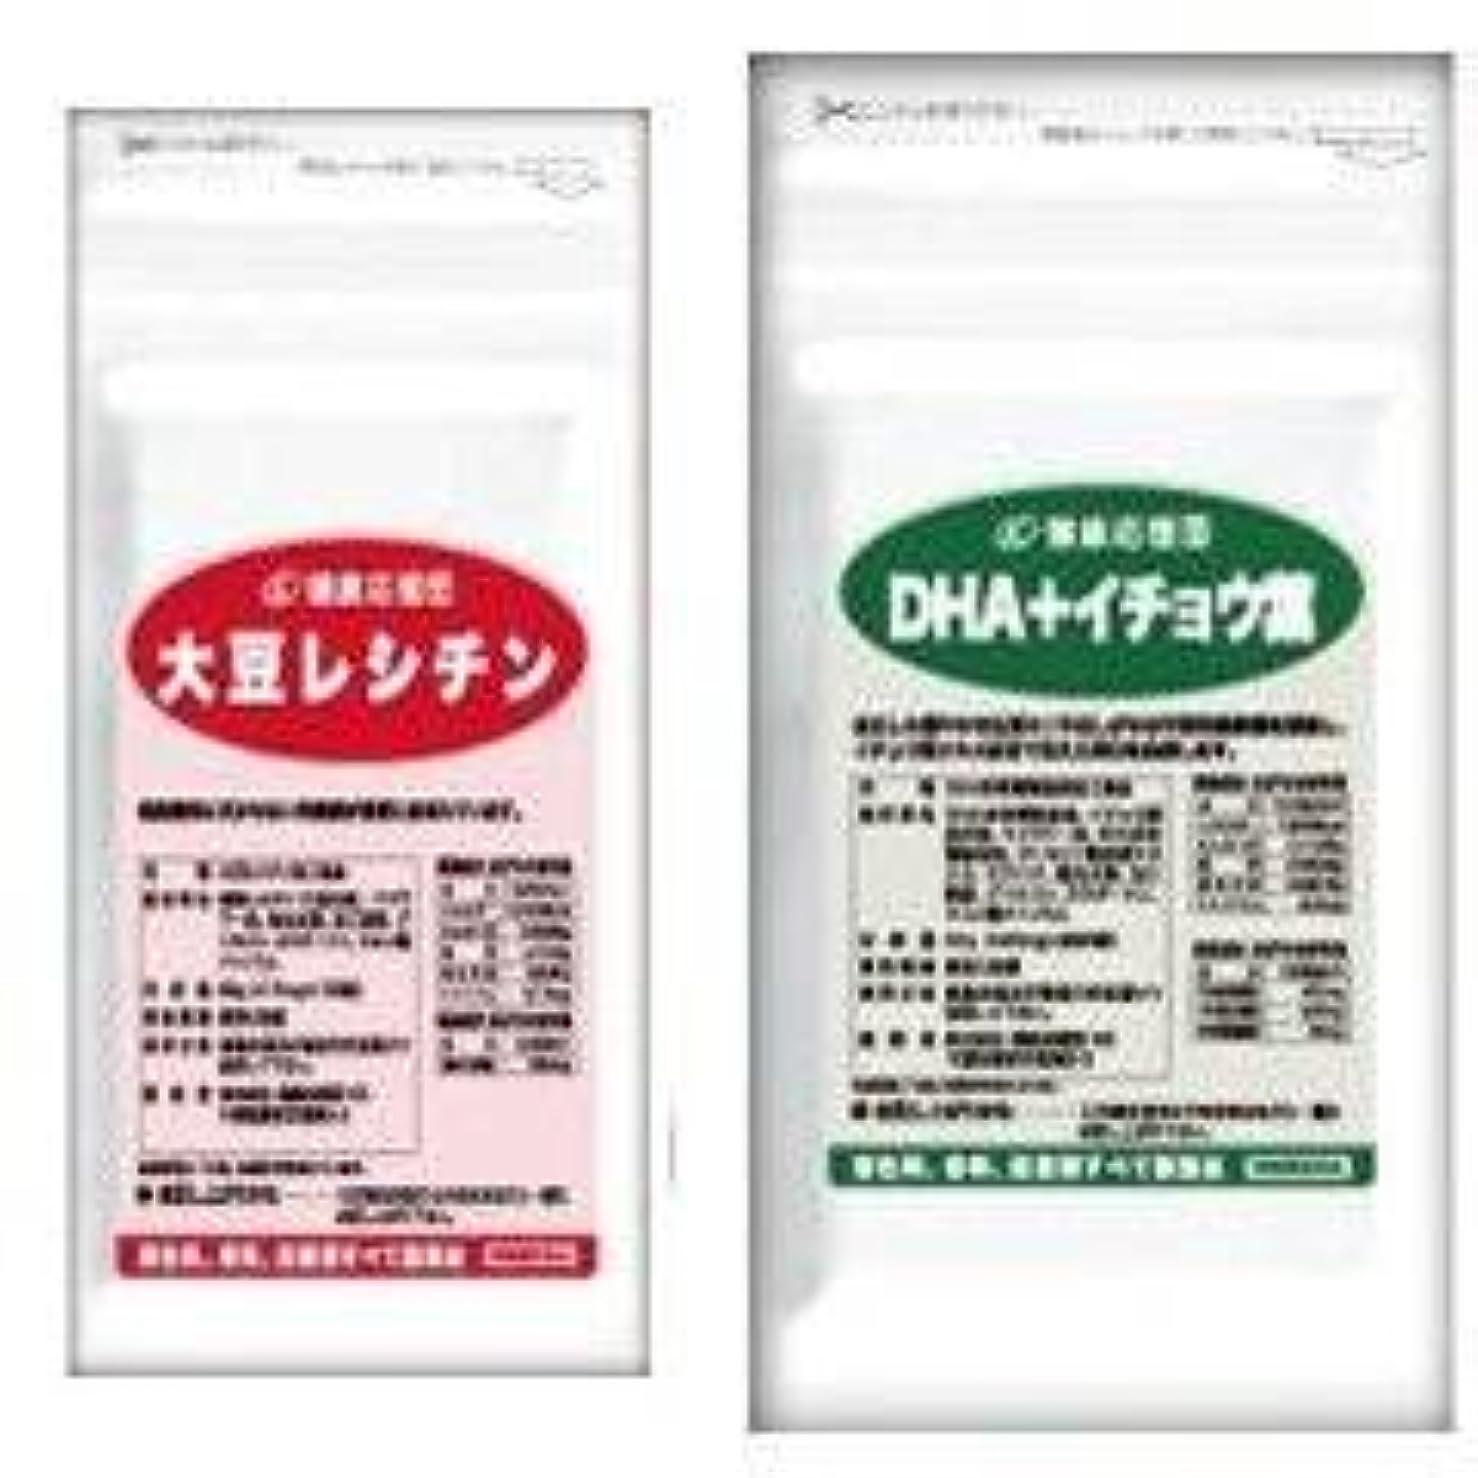 バーター聞く科学的(お徳用6か月分)流れサラサラセット 大豆レシチン+(DHA?EPA+イチョウ葉)6袋&6袋セット